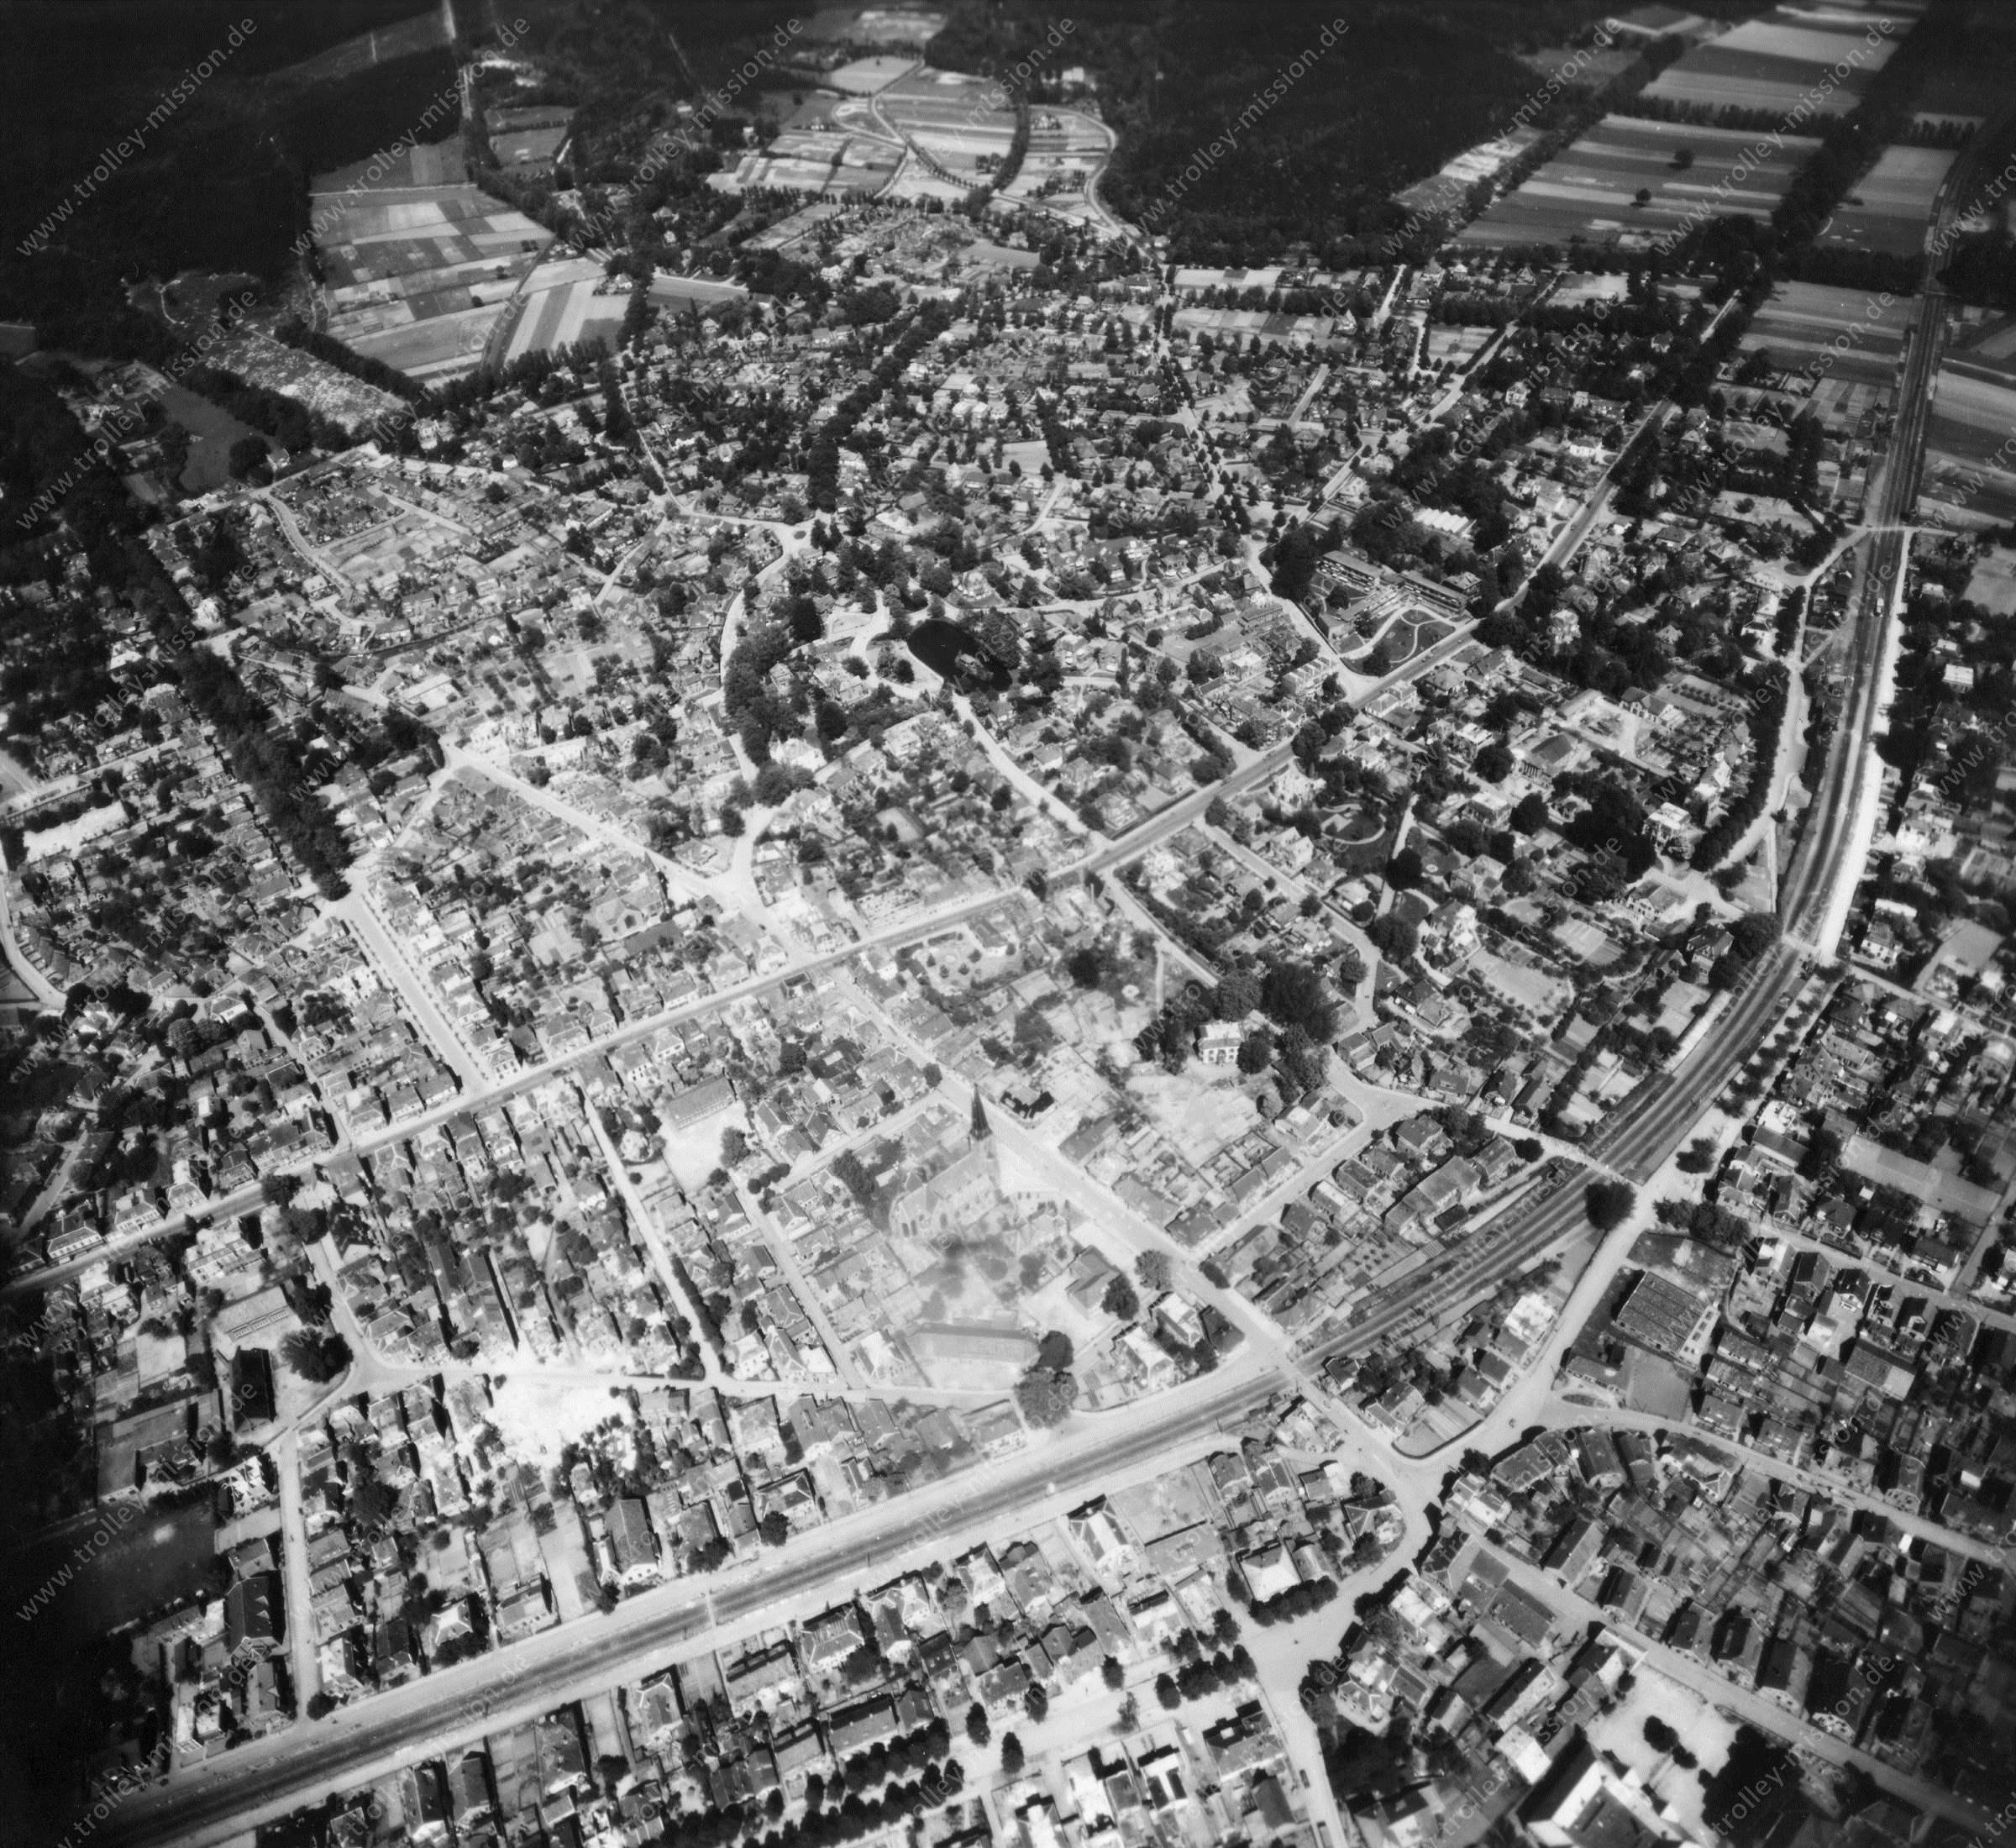 Velp - Luftbild aus dem Weltkrieg - Luftbildserie 4/5 der US Luftwaffe (Niederlande)